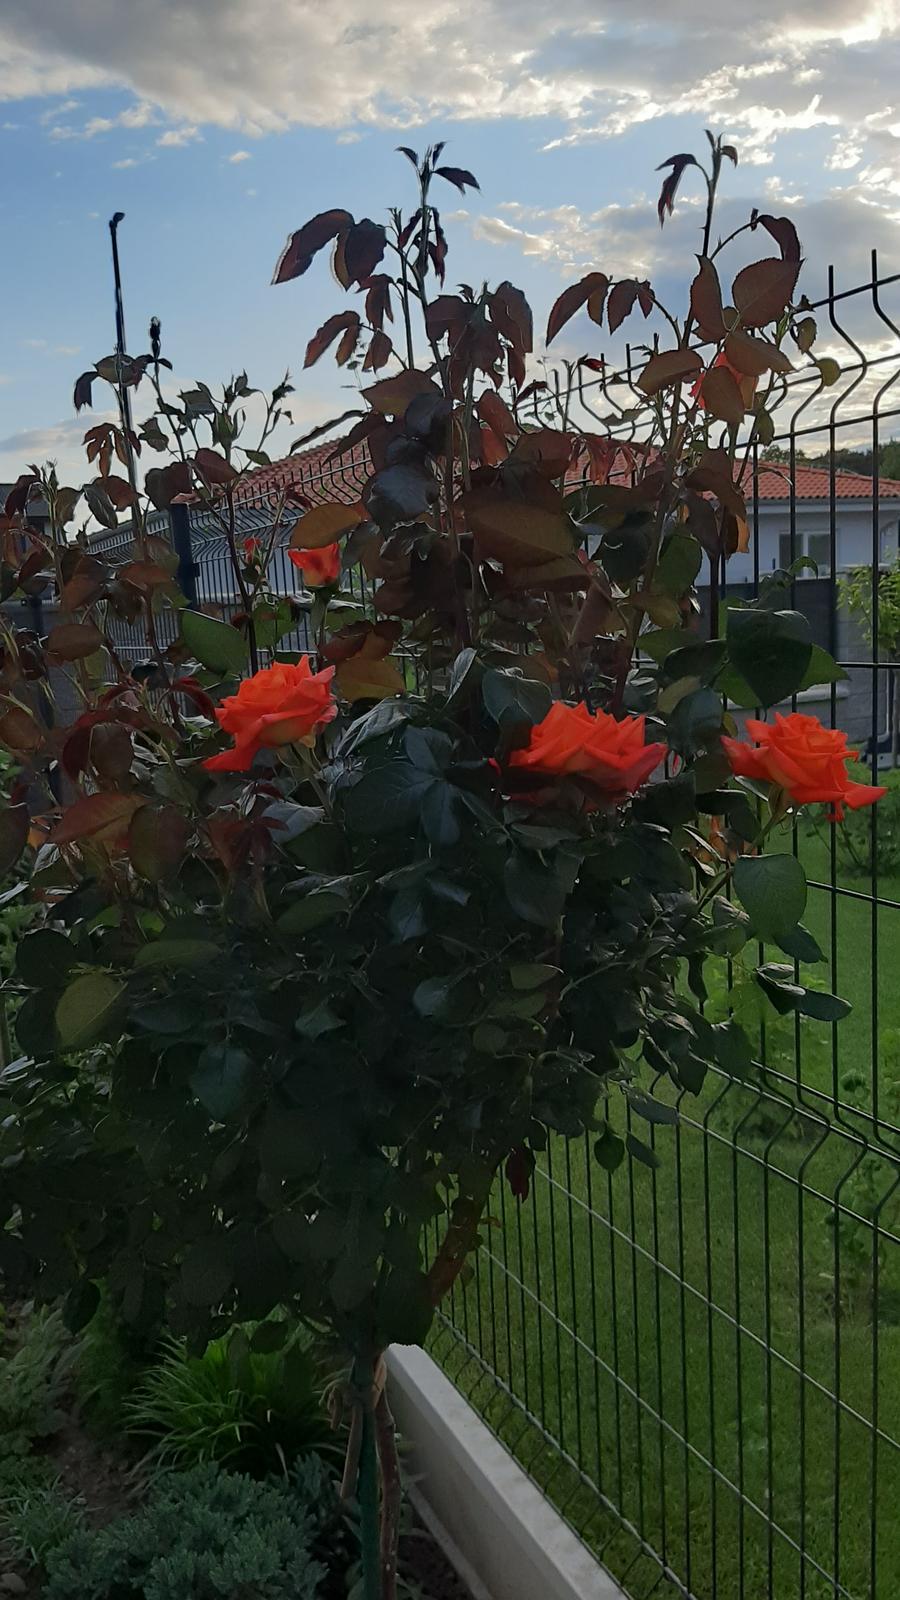 🏠🌞🌺❤🌷 Zahrada a jej dalsi rok...2020 🌱🐞🐛🦋🍓🥕🍅🌺❤ - Ruzicka zacina kvitnut...